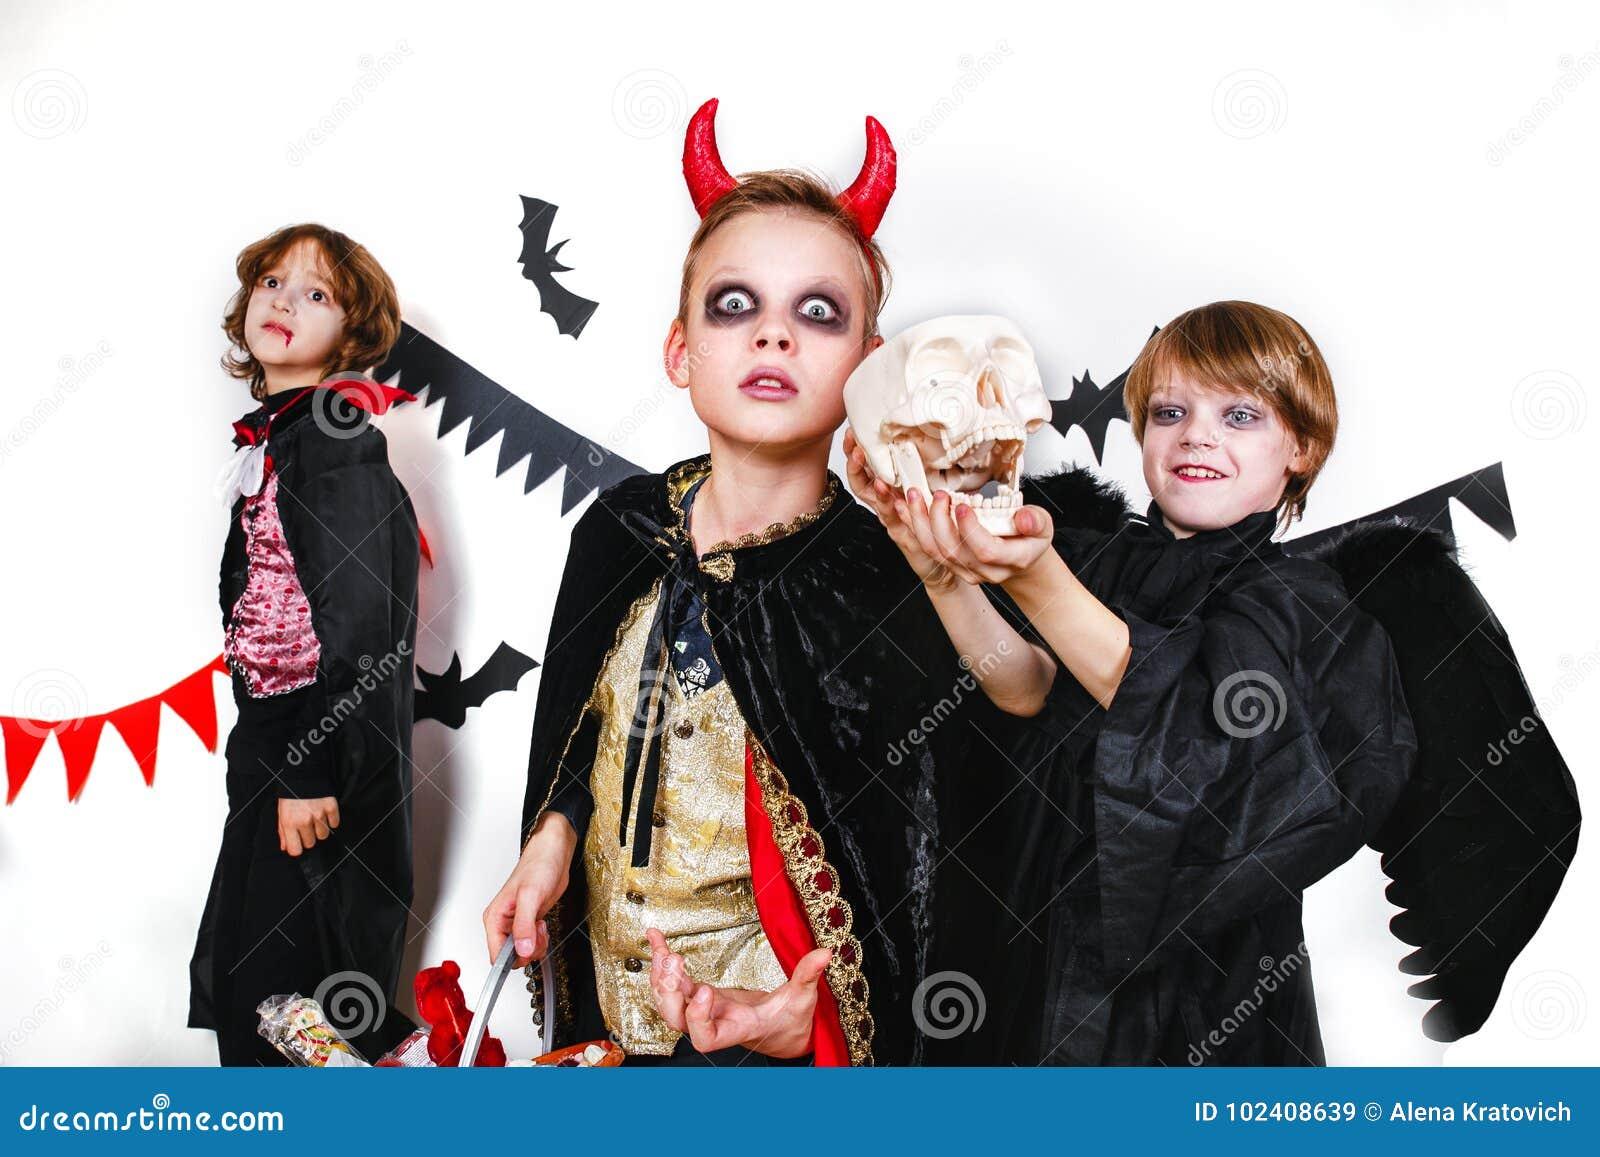 Costumi Halloween Di Gruppo.Bambini Divertenti Di Risata In Costumi In Halloween Trucco O